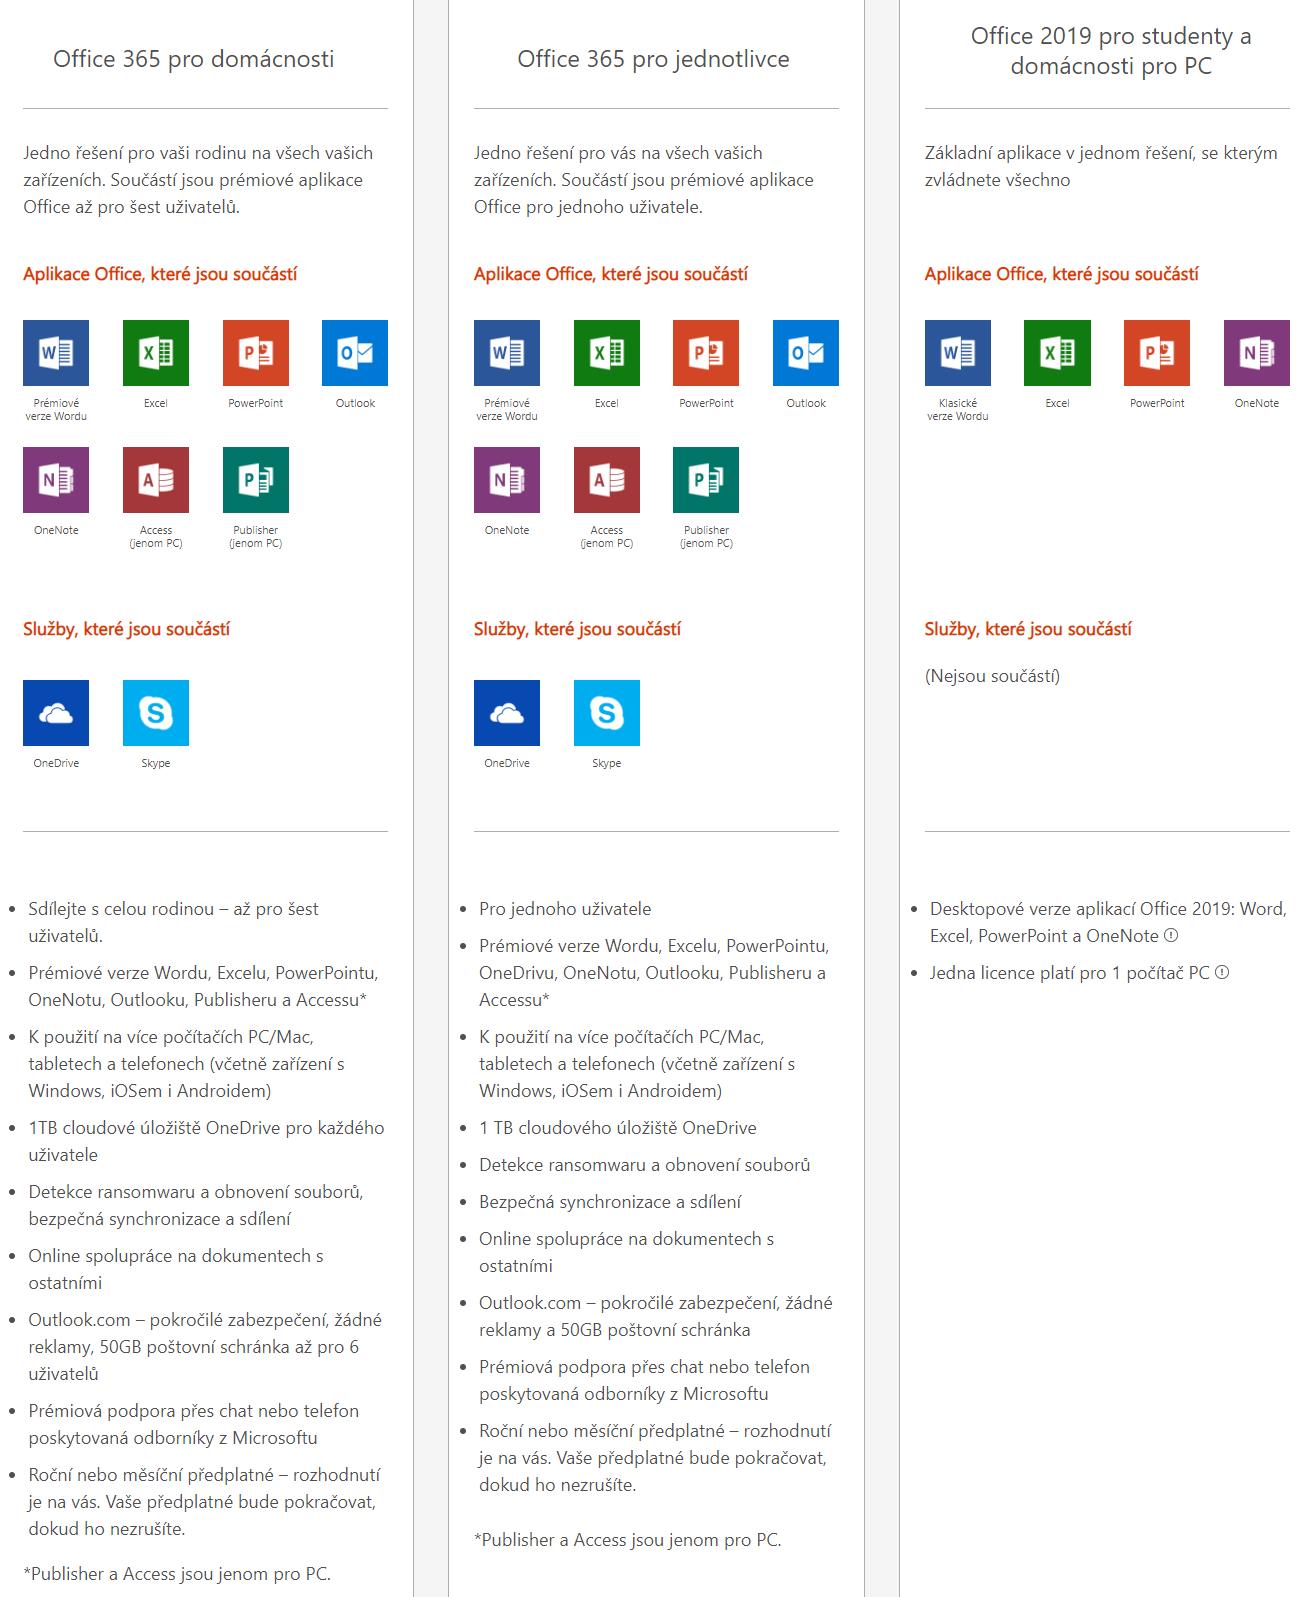 1d1011a67 Podívejte se na porovnání Office 365 pro domácnosti, jednotlivce a Office  2019